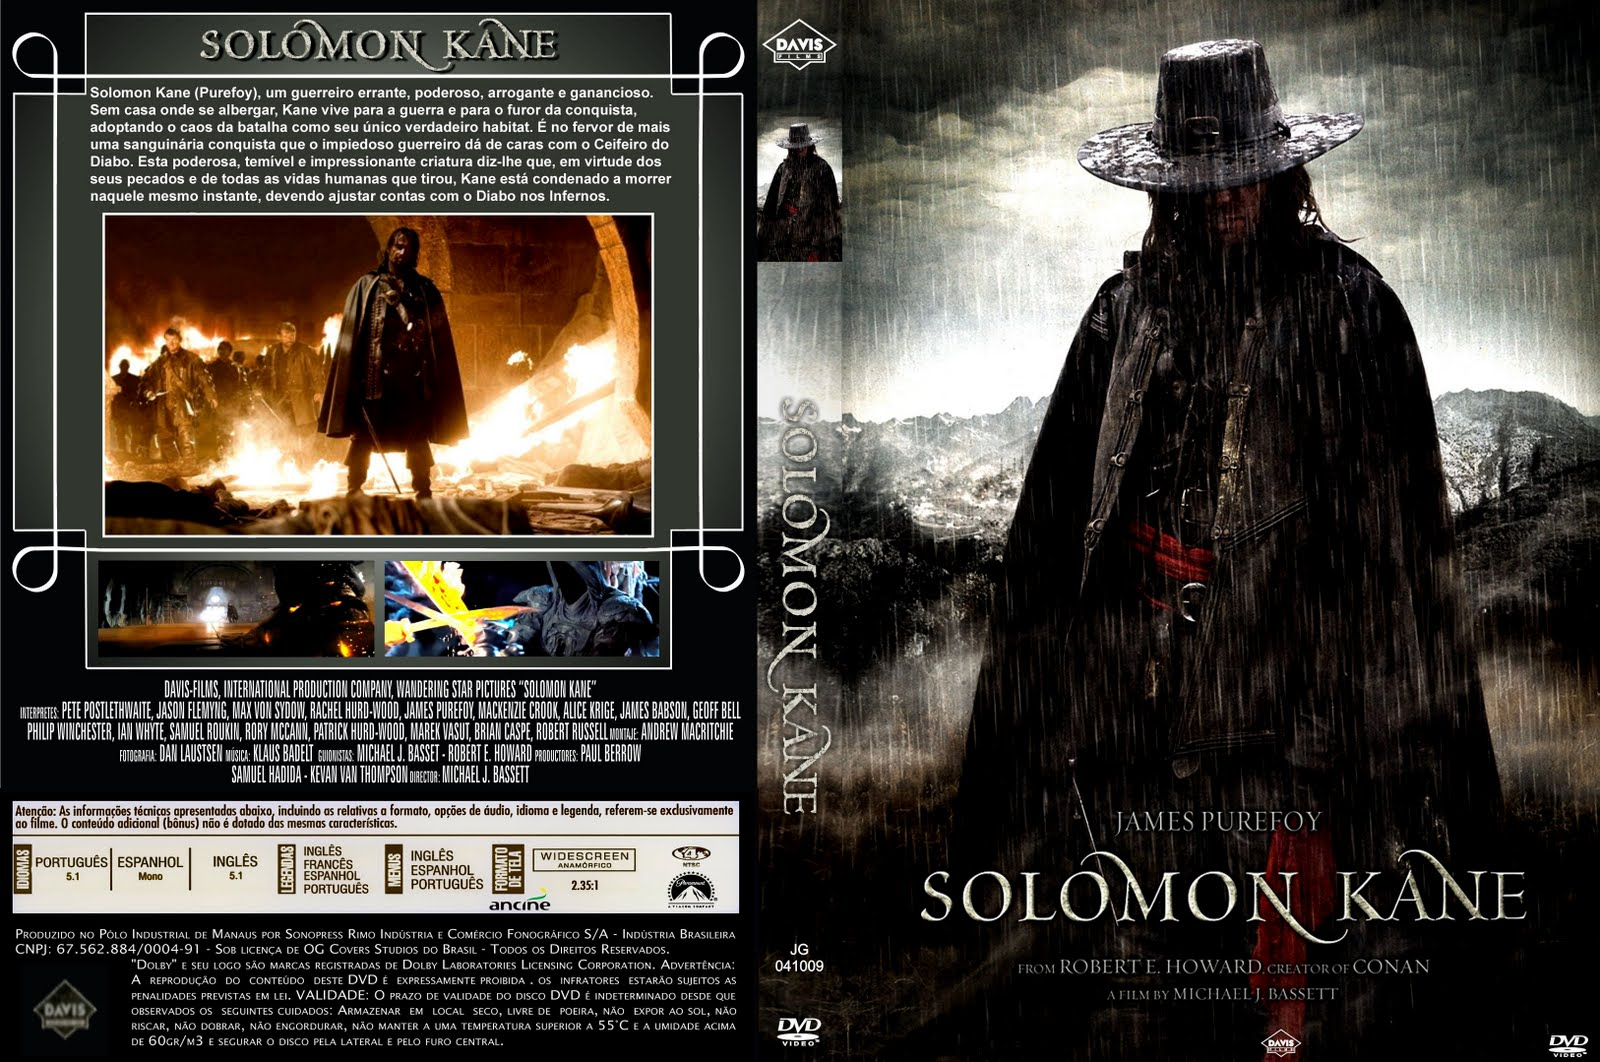 solomon kane mp4 download